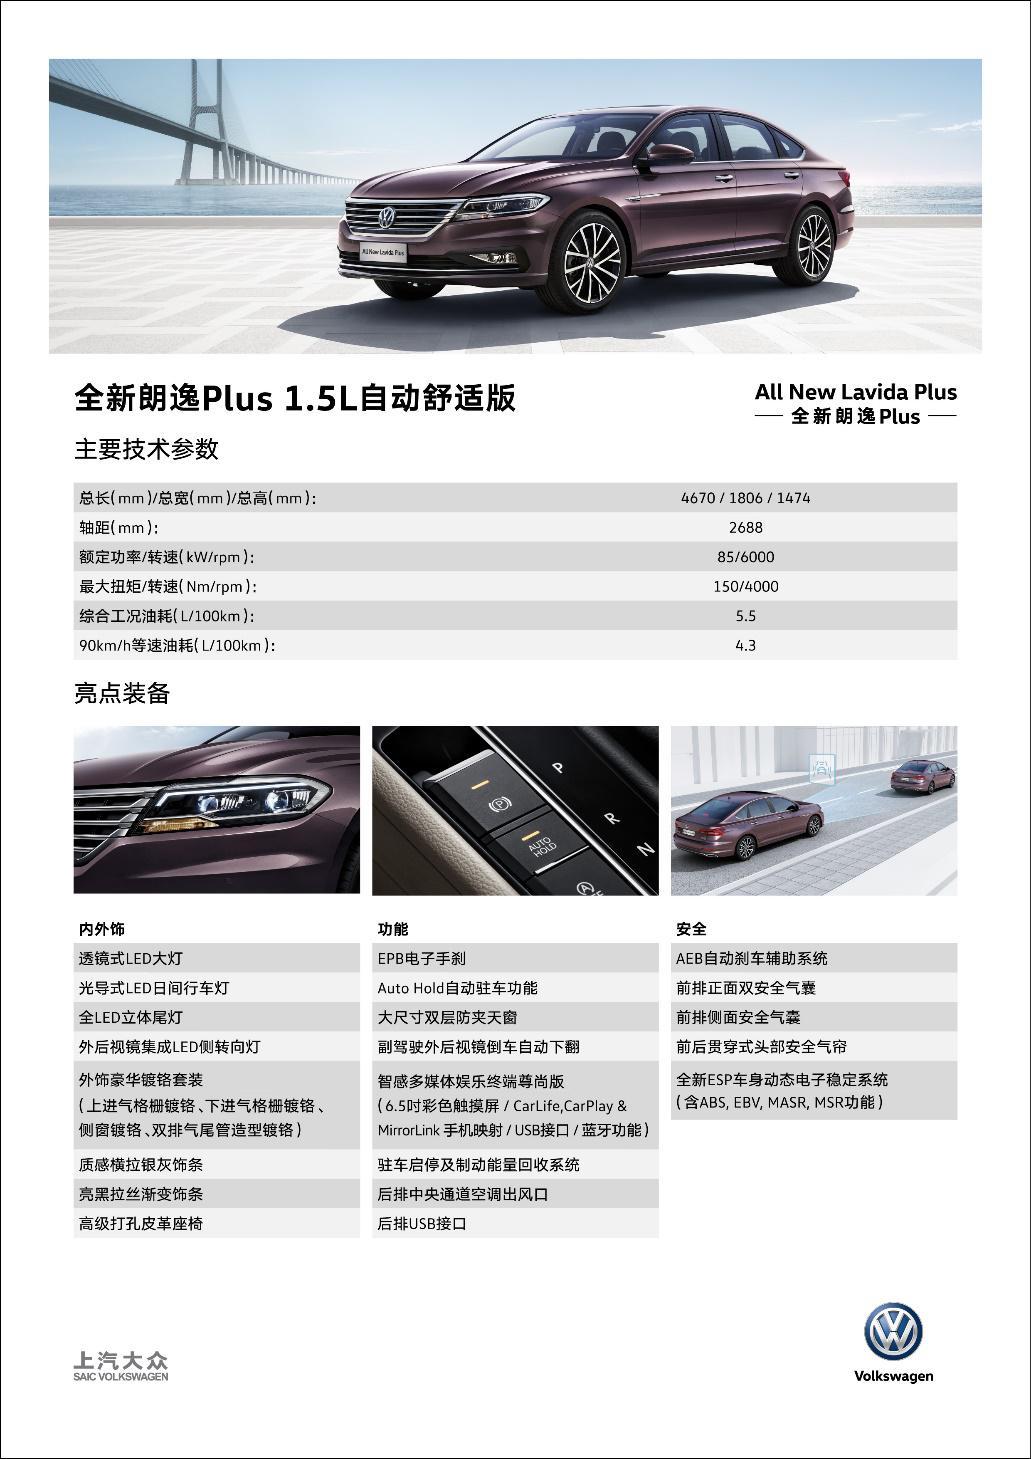 理想生活更进一步 上汽大众全新朗逸plus闪耀北京车展